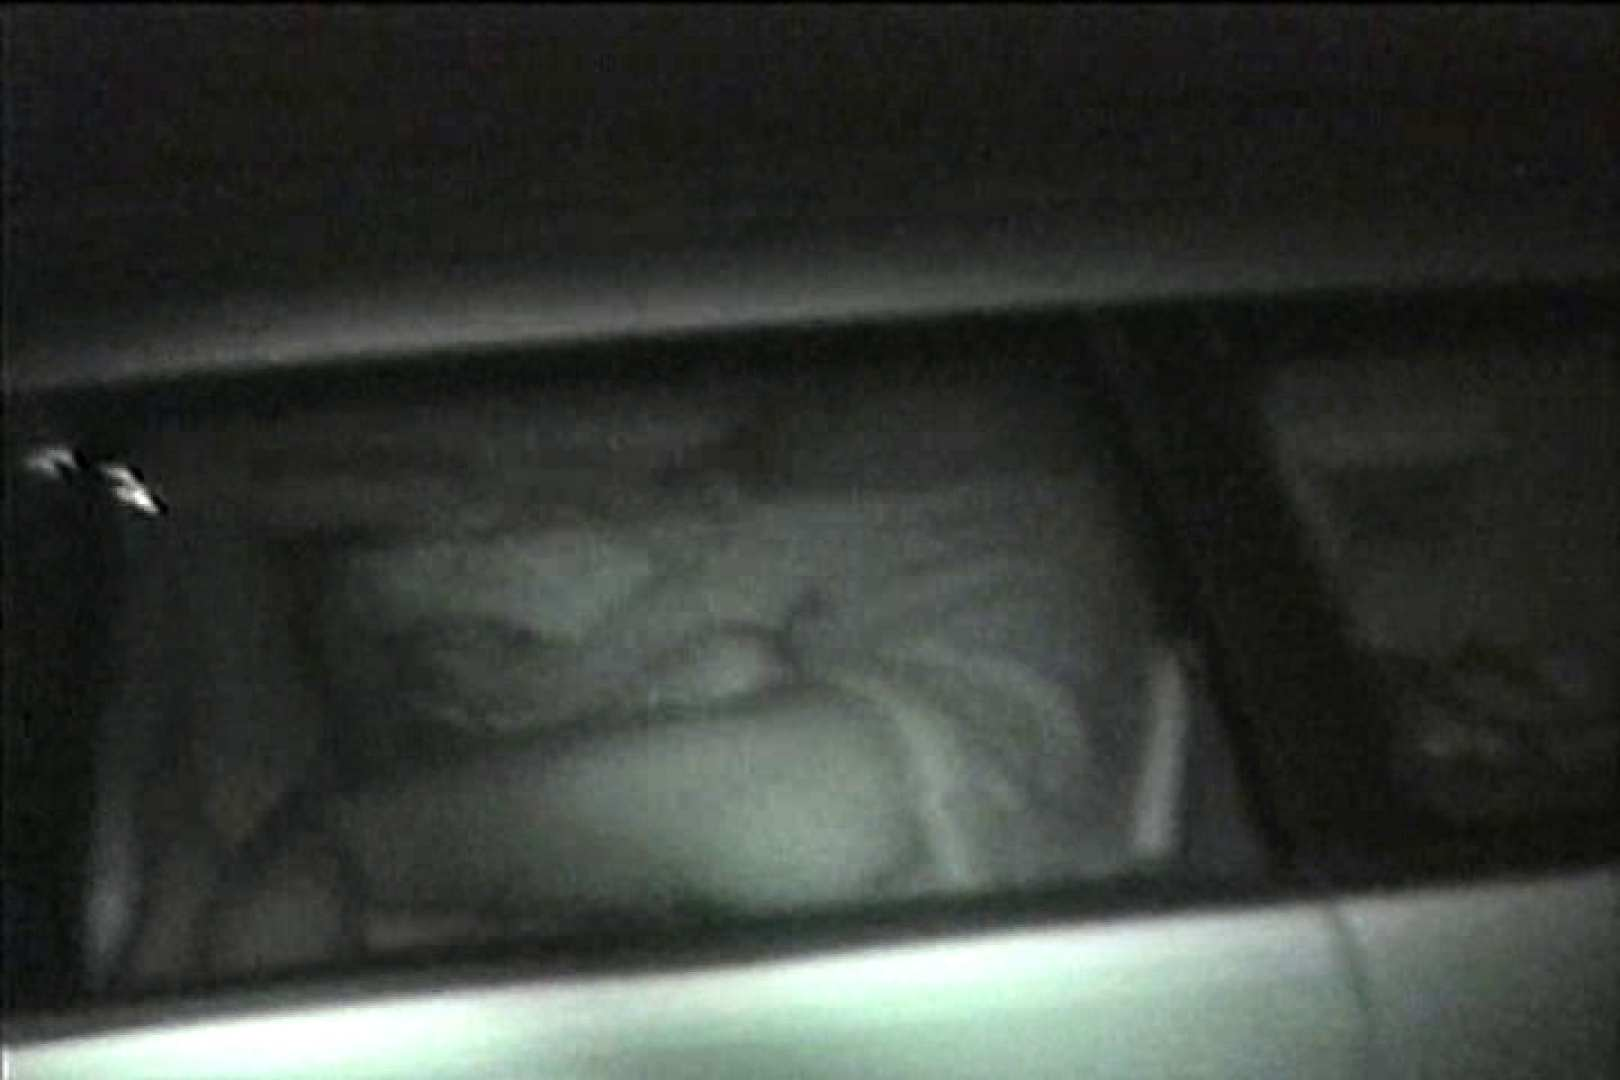 車の中はラブホテル 無修正版  Vol.7 HなOL ヌード画像 81pic 56